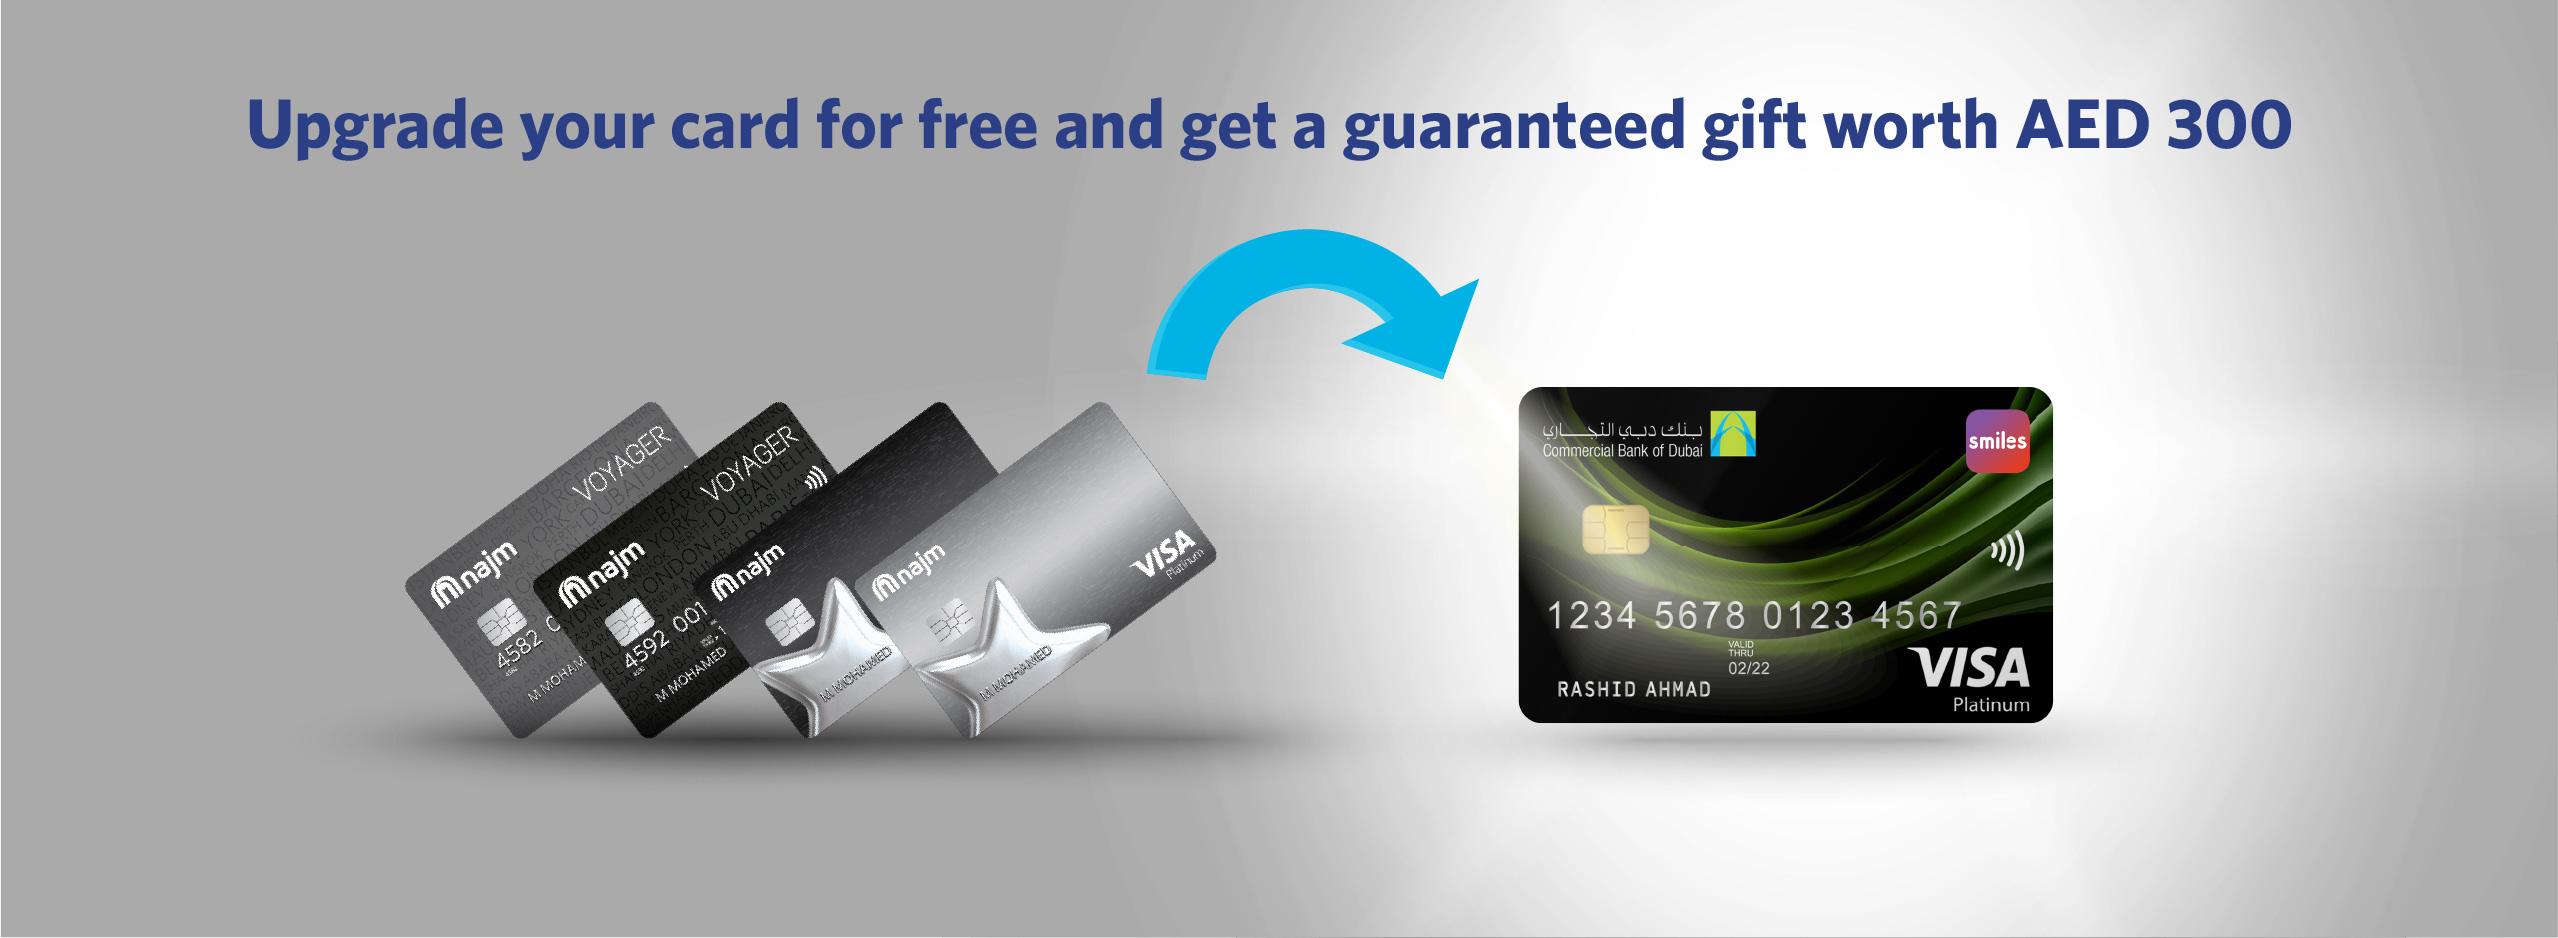 CBD Smiles Visa Platinum